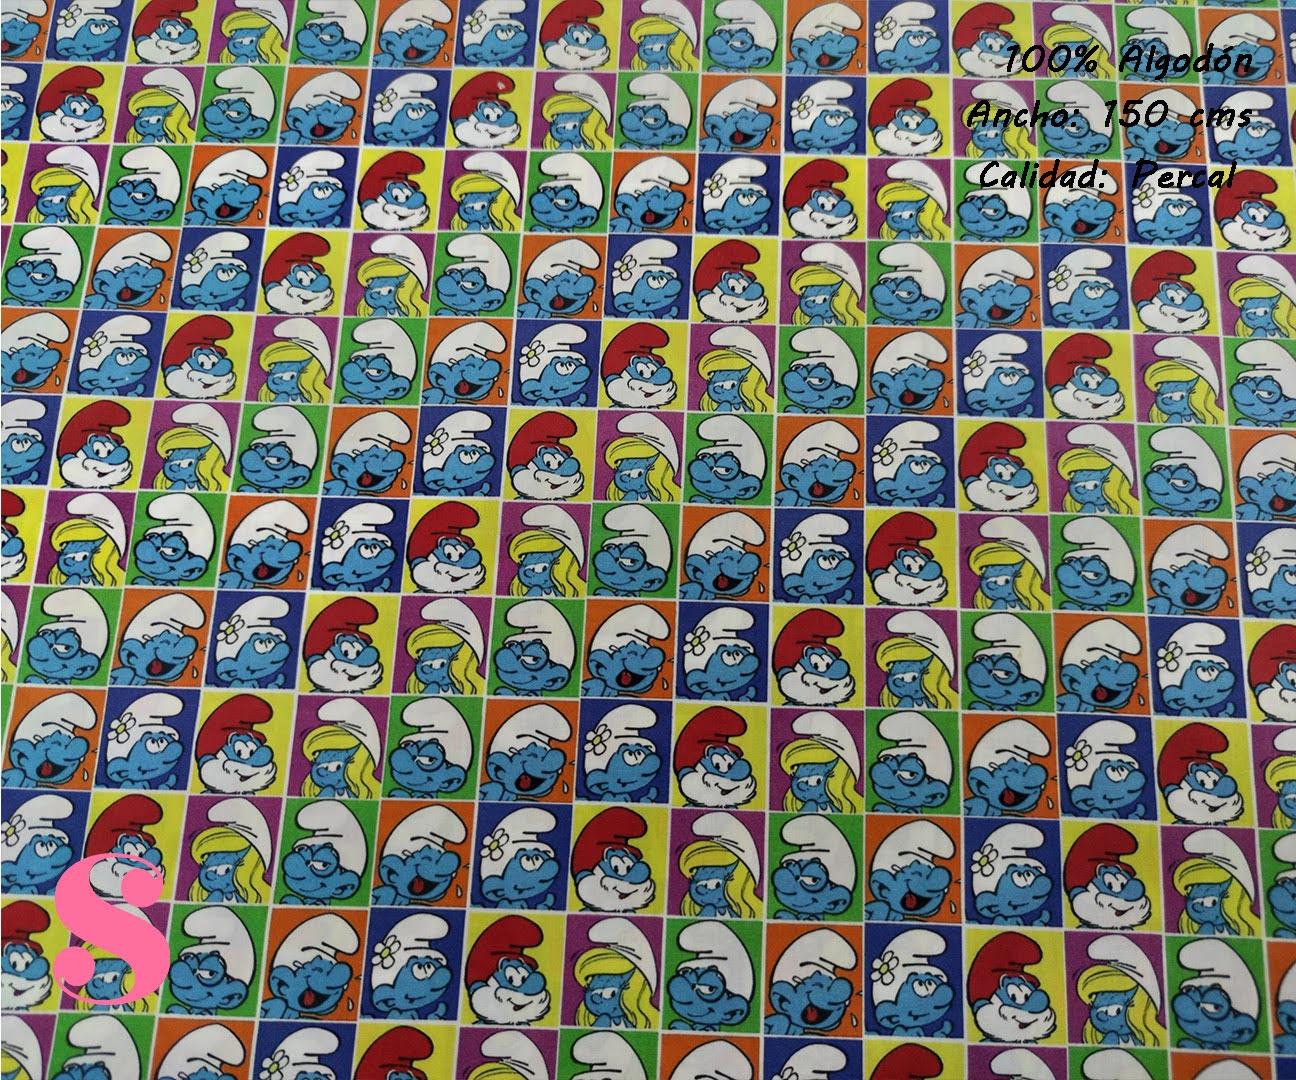 647-los-pitufos-familia-tejidos-algodón-estampado-percal,telas frikis,estampados frikis,tela los pitufos,Tejido Estampado Los Pitufos